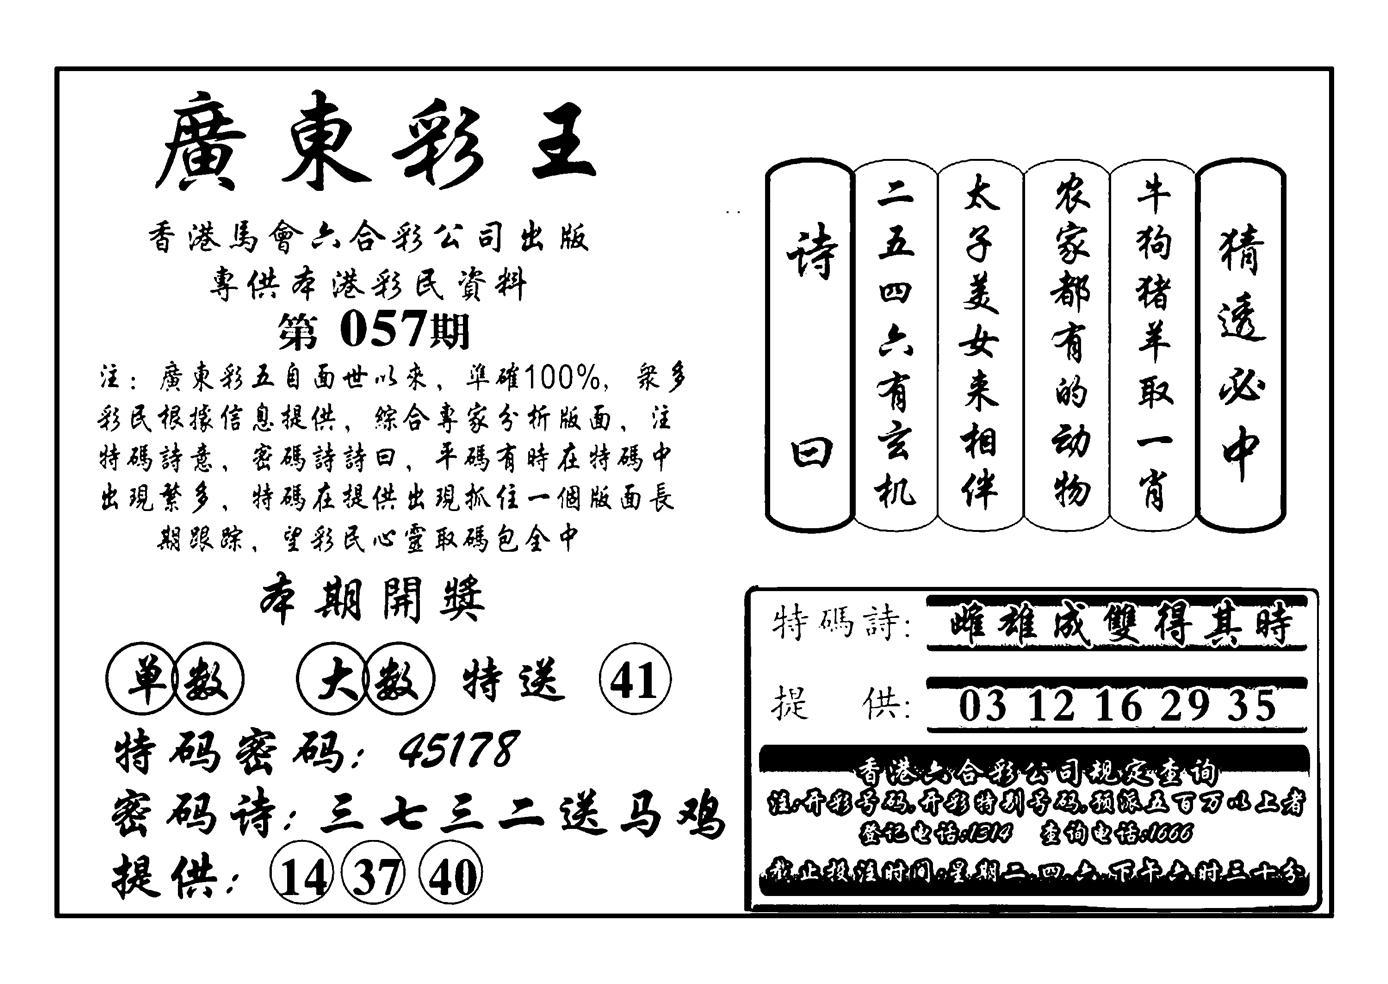 057期广东彩王(黑白)